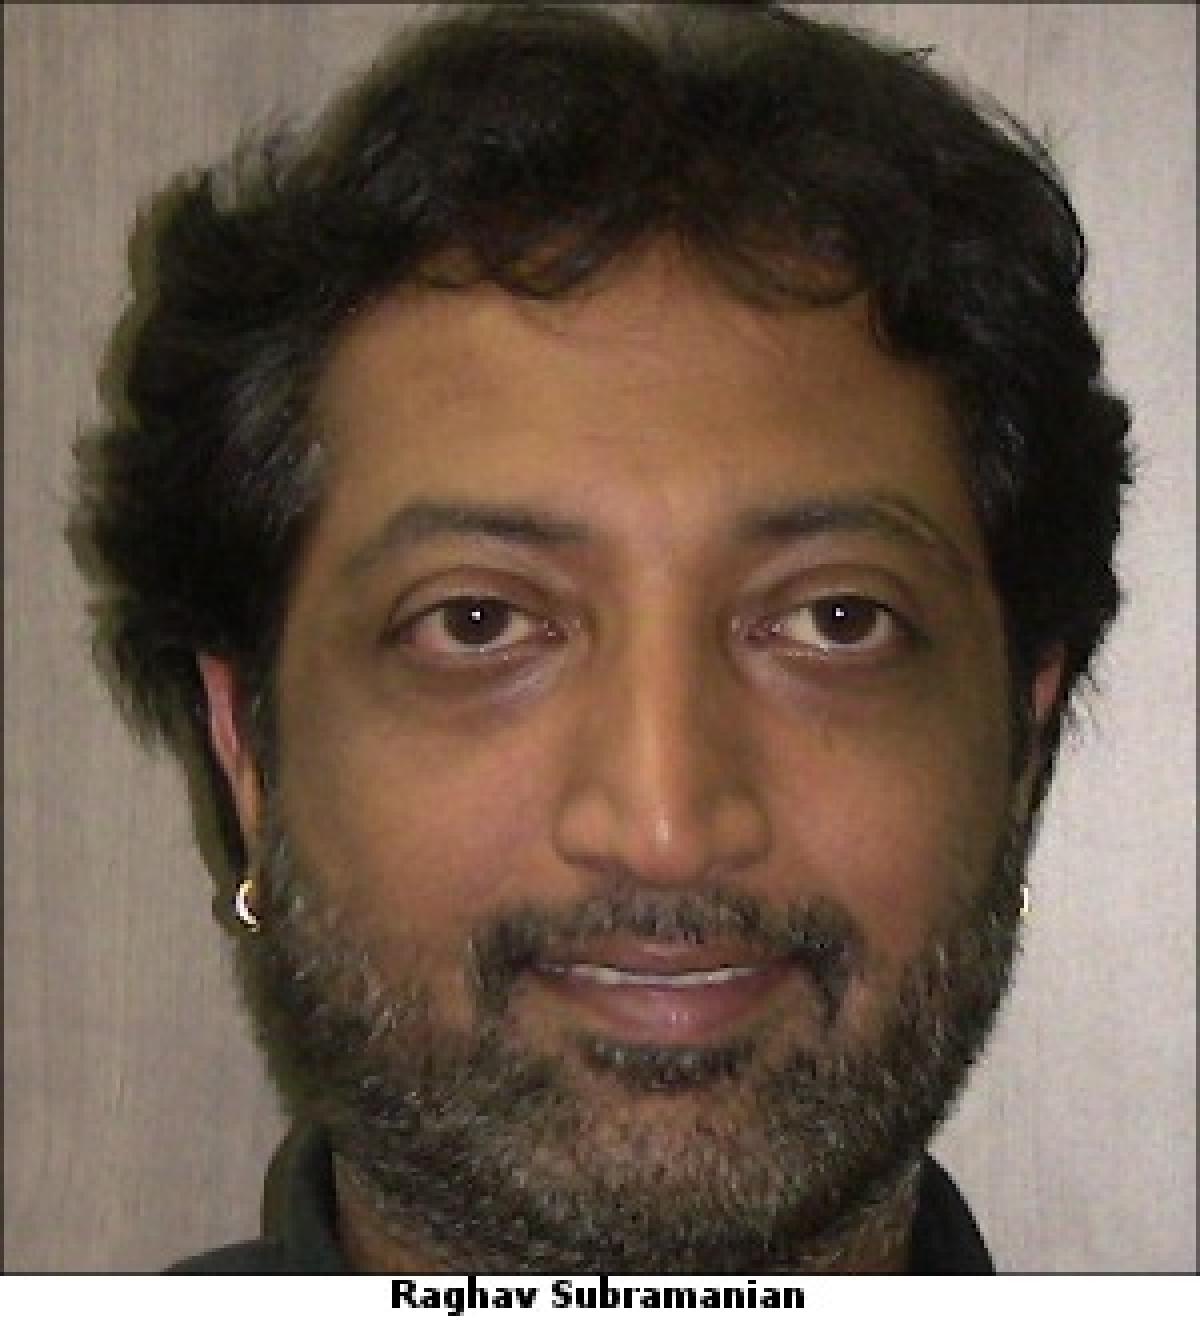 Raghav Subramanian to join IPG Mediabrands